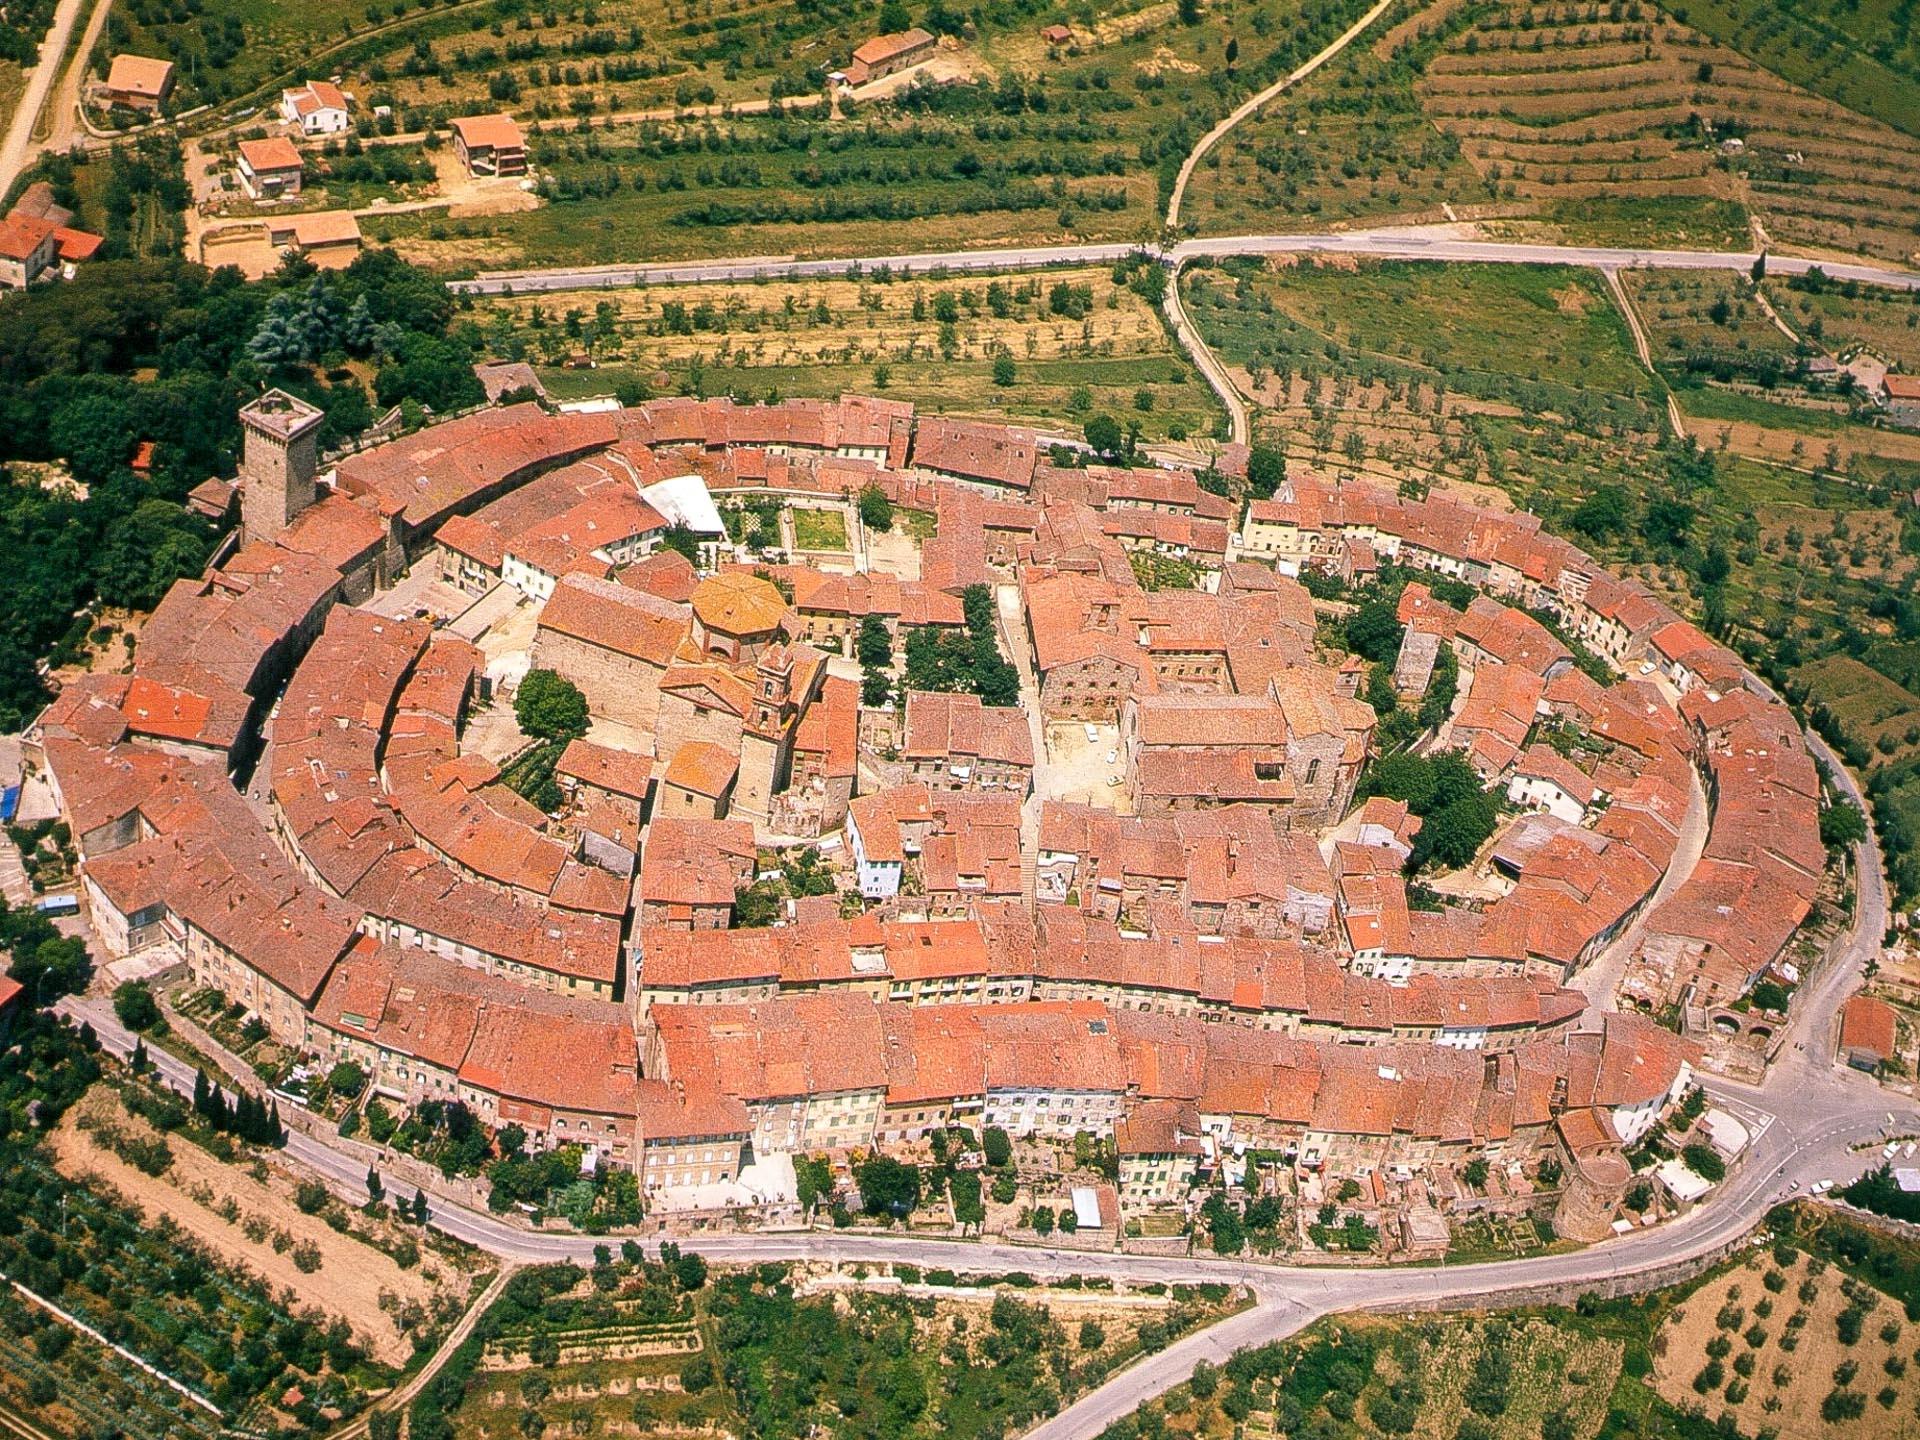 Lucignano w prowincji Arezzo - perła Valdichiana i jedno z najpiękniejszych miasteczek Toskanii